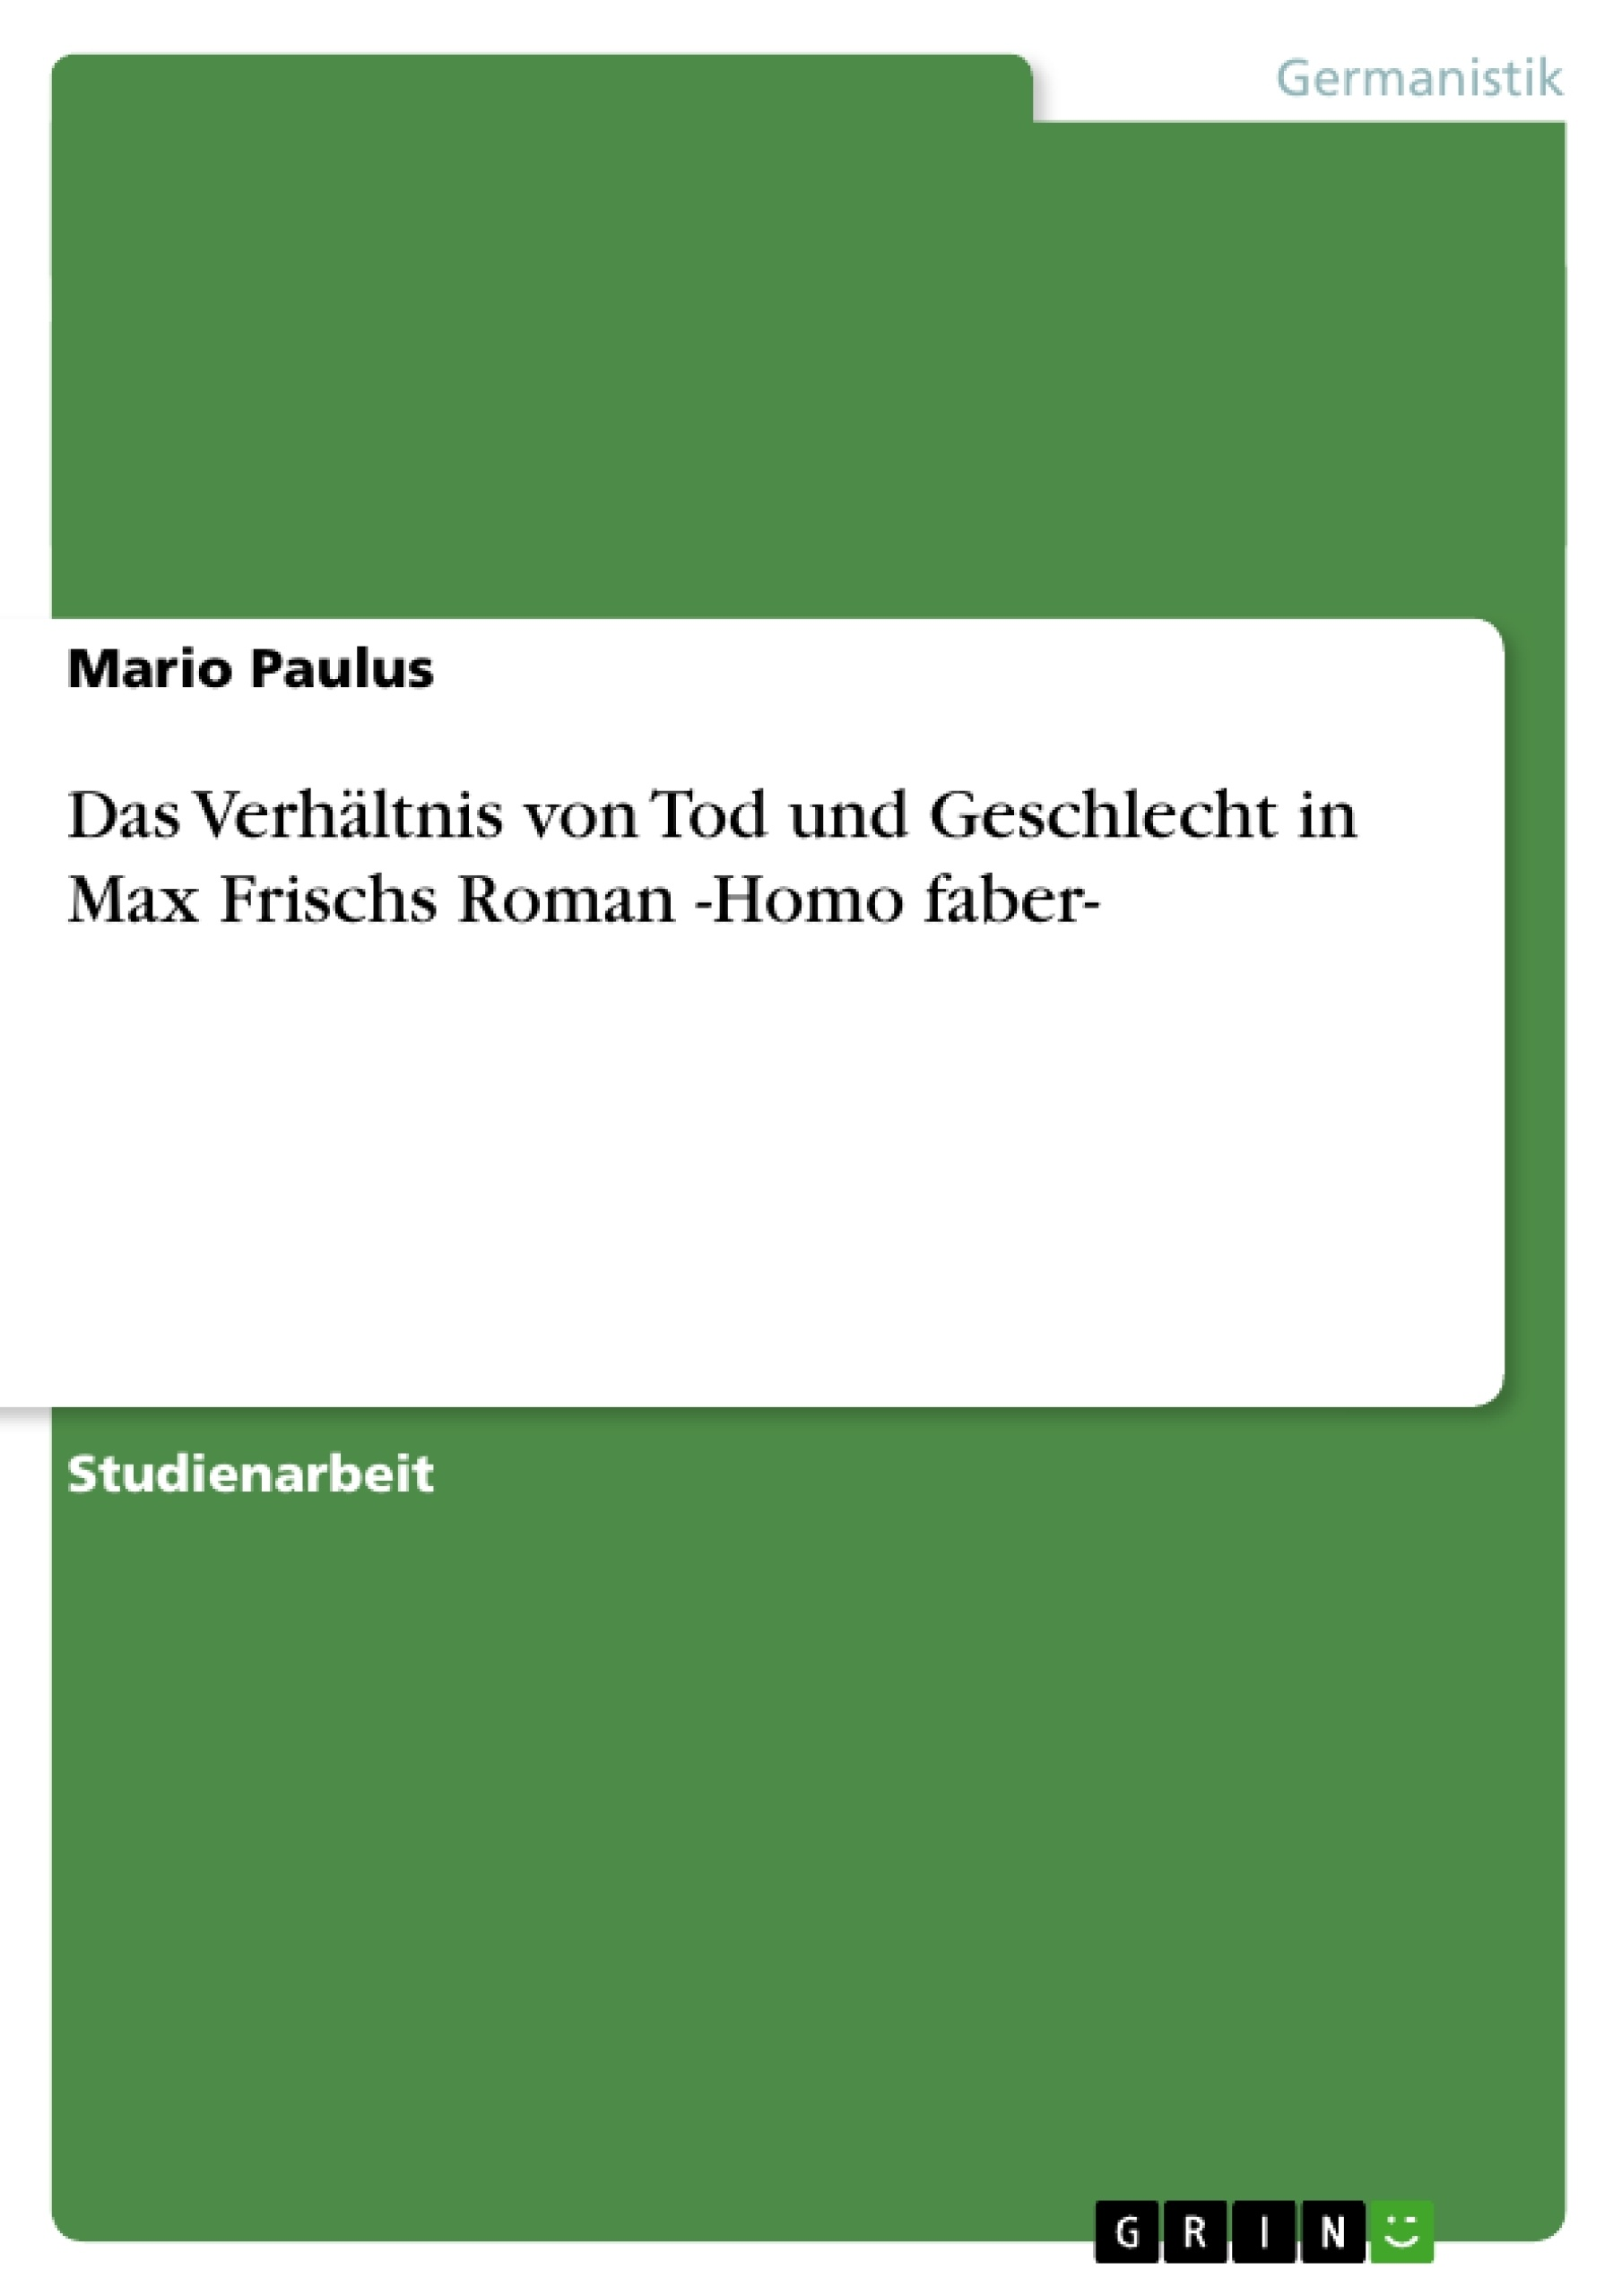 Titel: Das Verhältnis von Tod und Geschlecht in Max Frischs Roman -Homo faber-